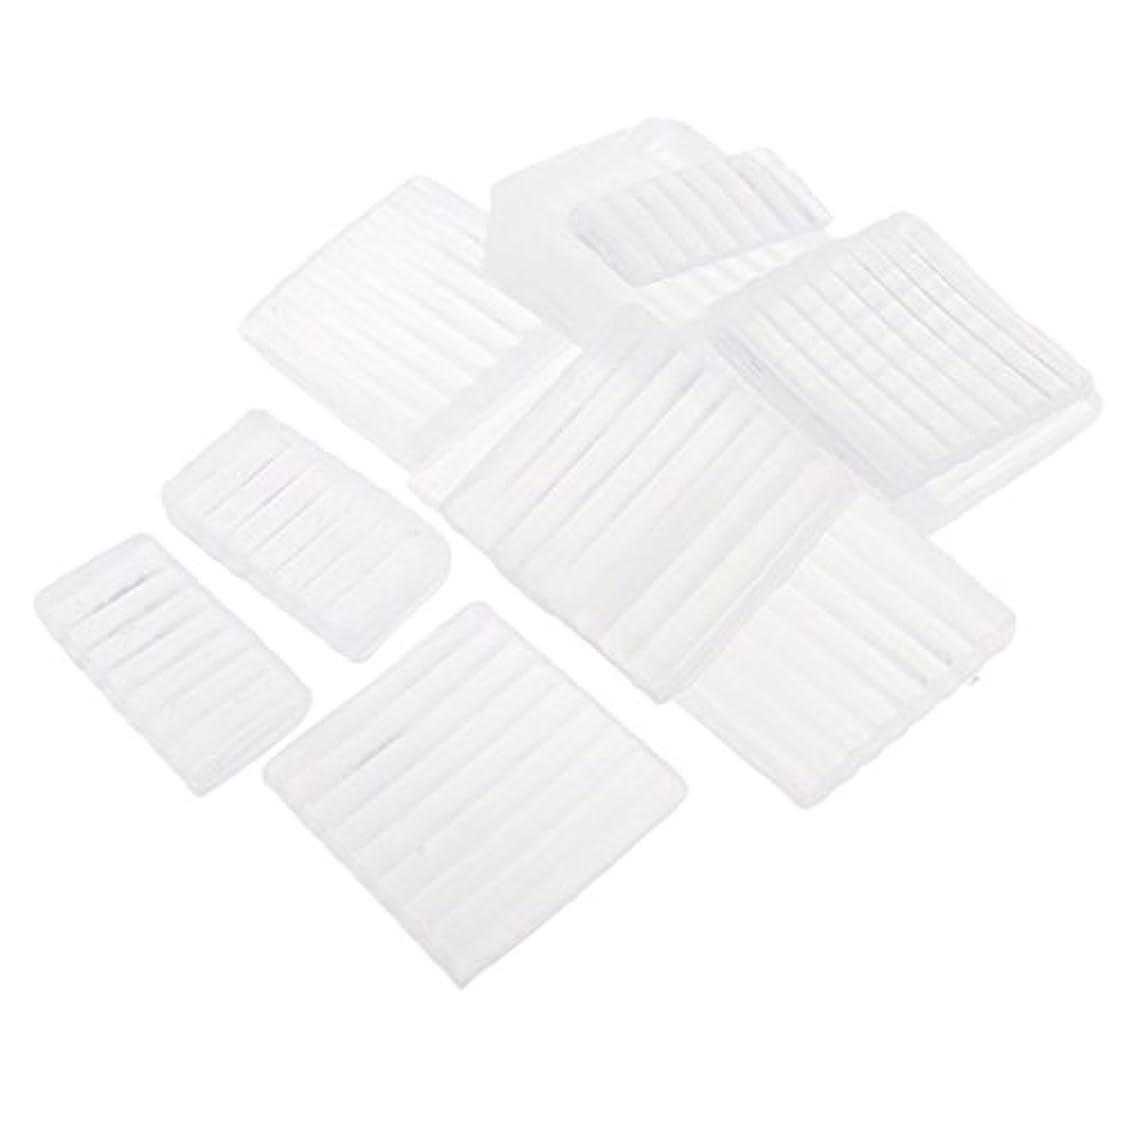 むしゃむしゃ絶望的な類推約500g ホワイト 透明 石鹸ベース DIY 手作り 石鹸 材料